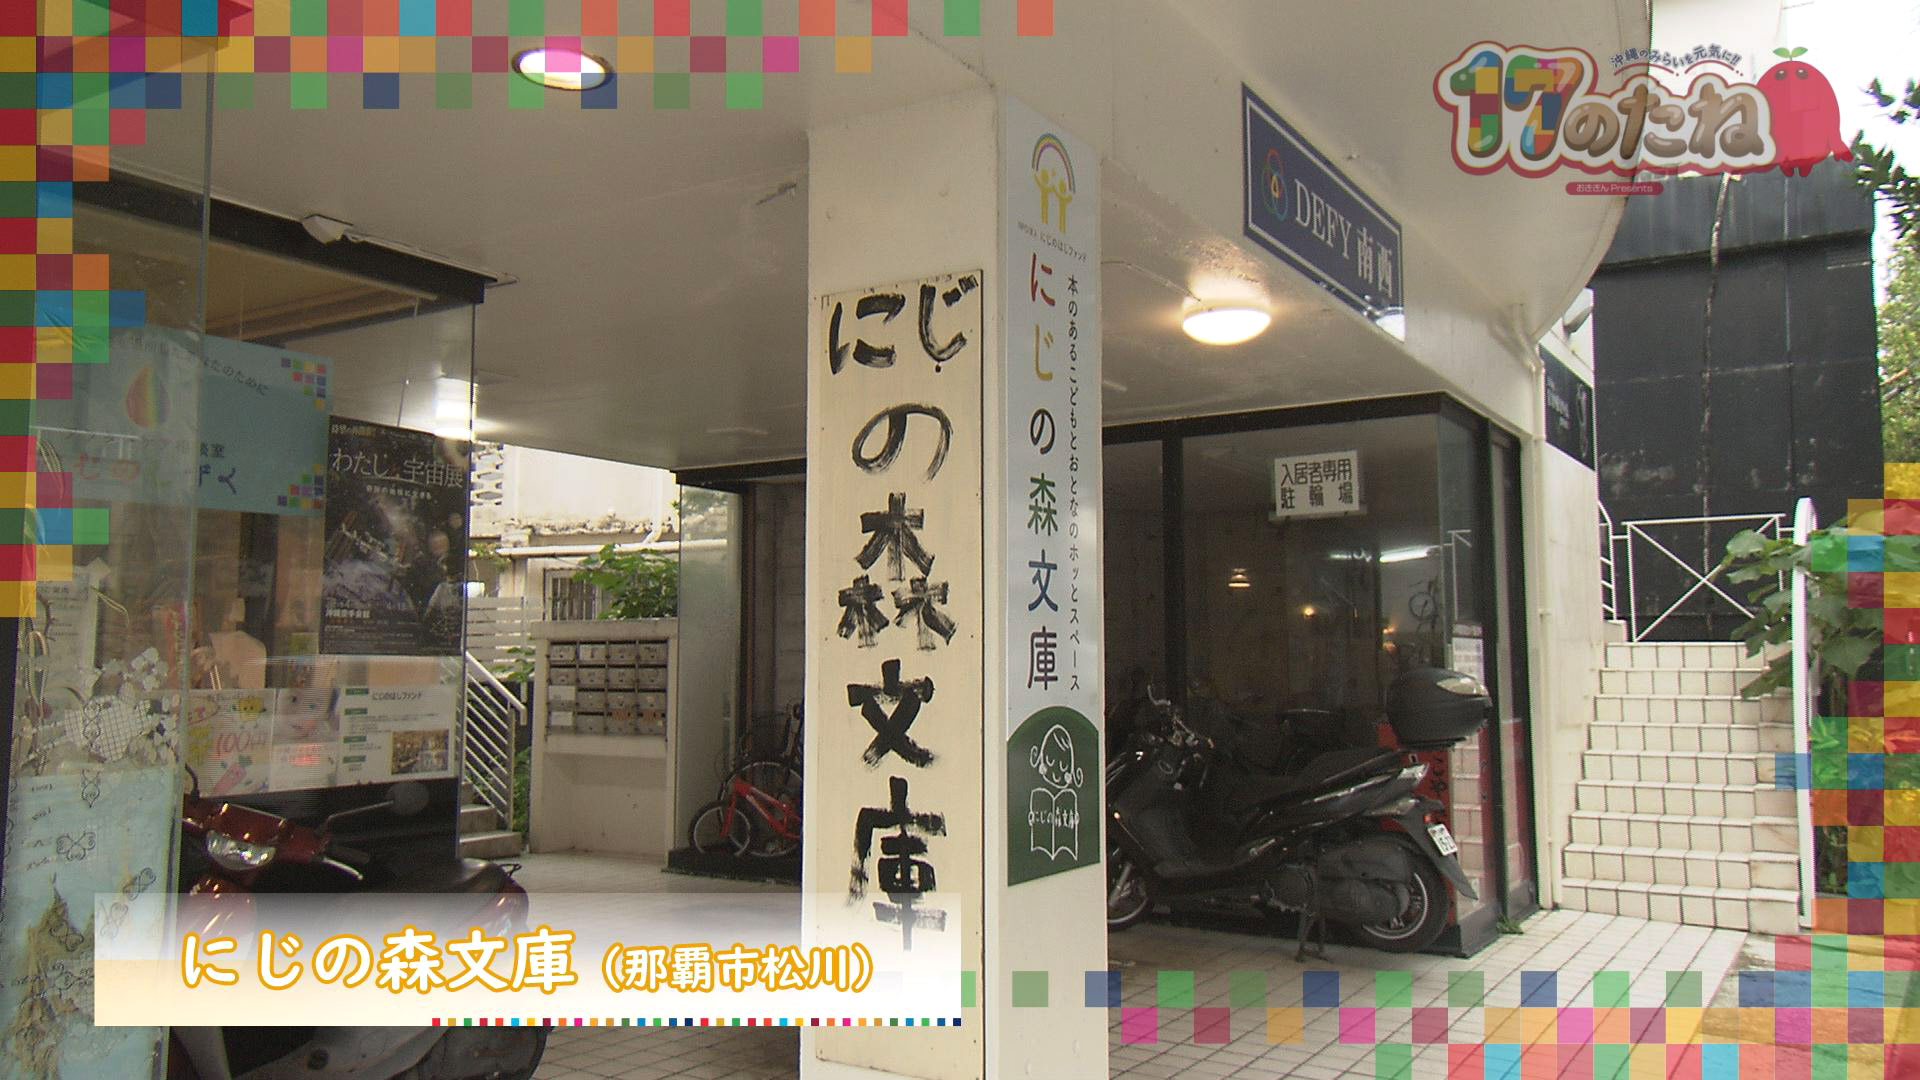 5月4日放送「にじの森文庫」